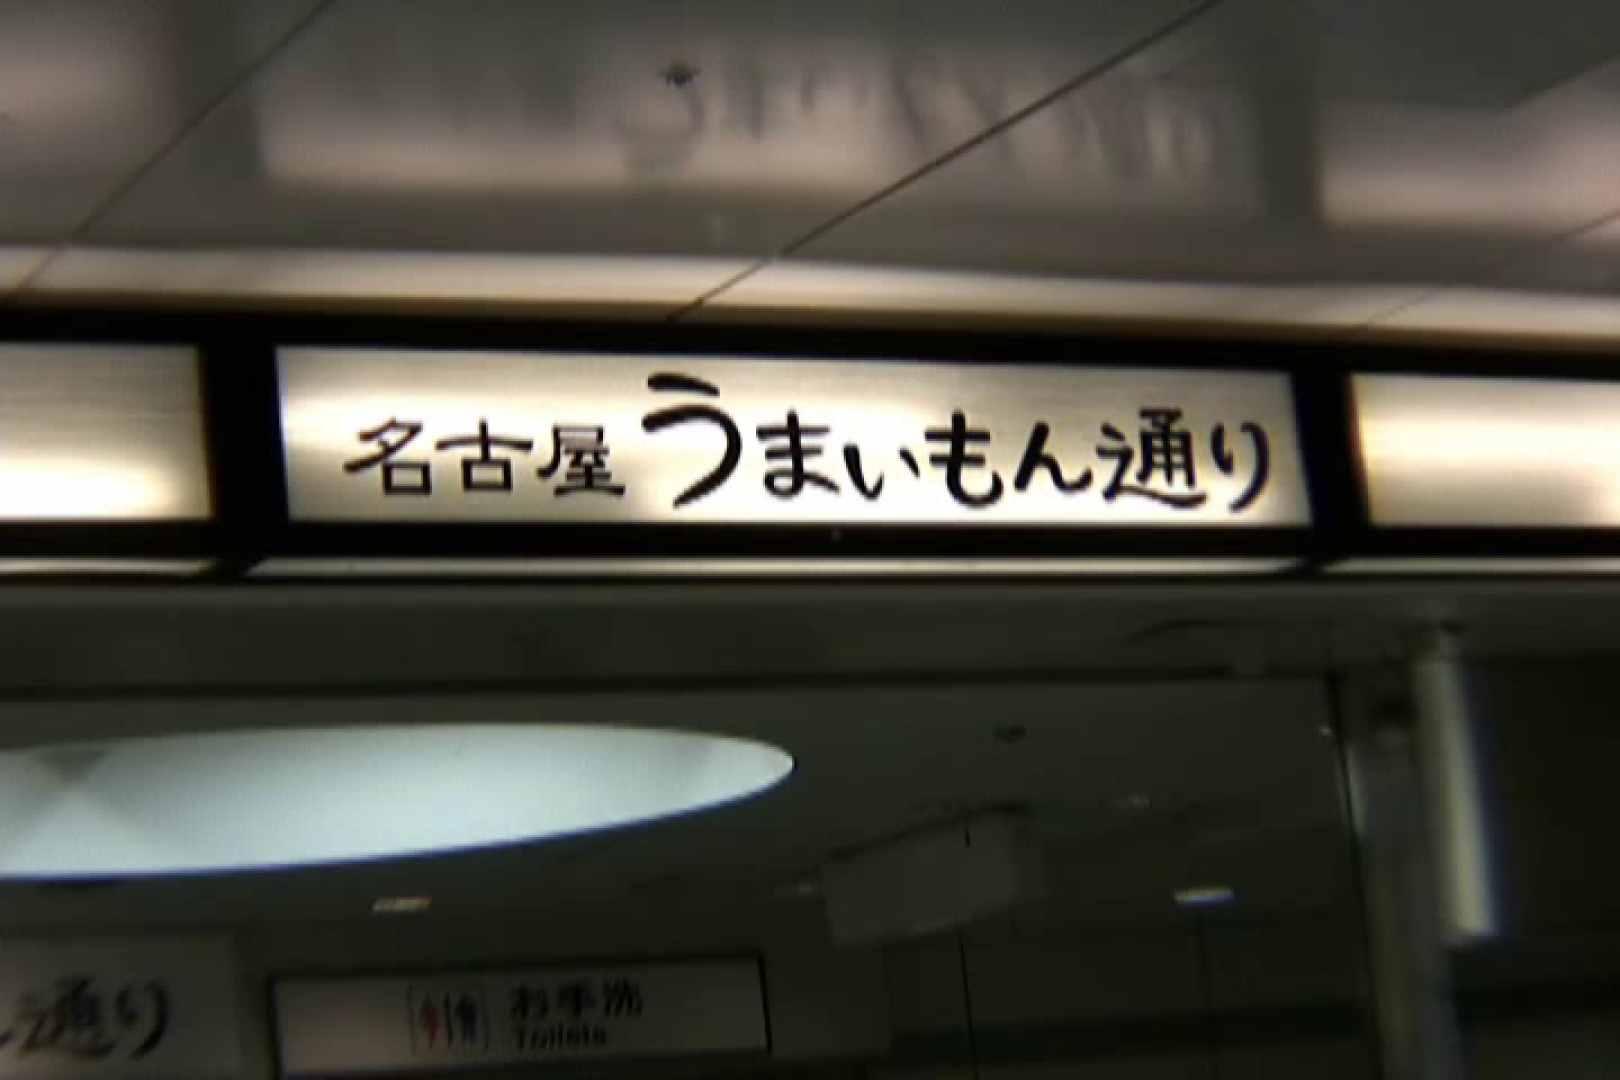 ハイビジョンパンチラ オッテQさんの追跡パンチラ制服女子編Vol.05 制服 エロ画像 93pic 5